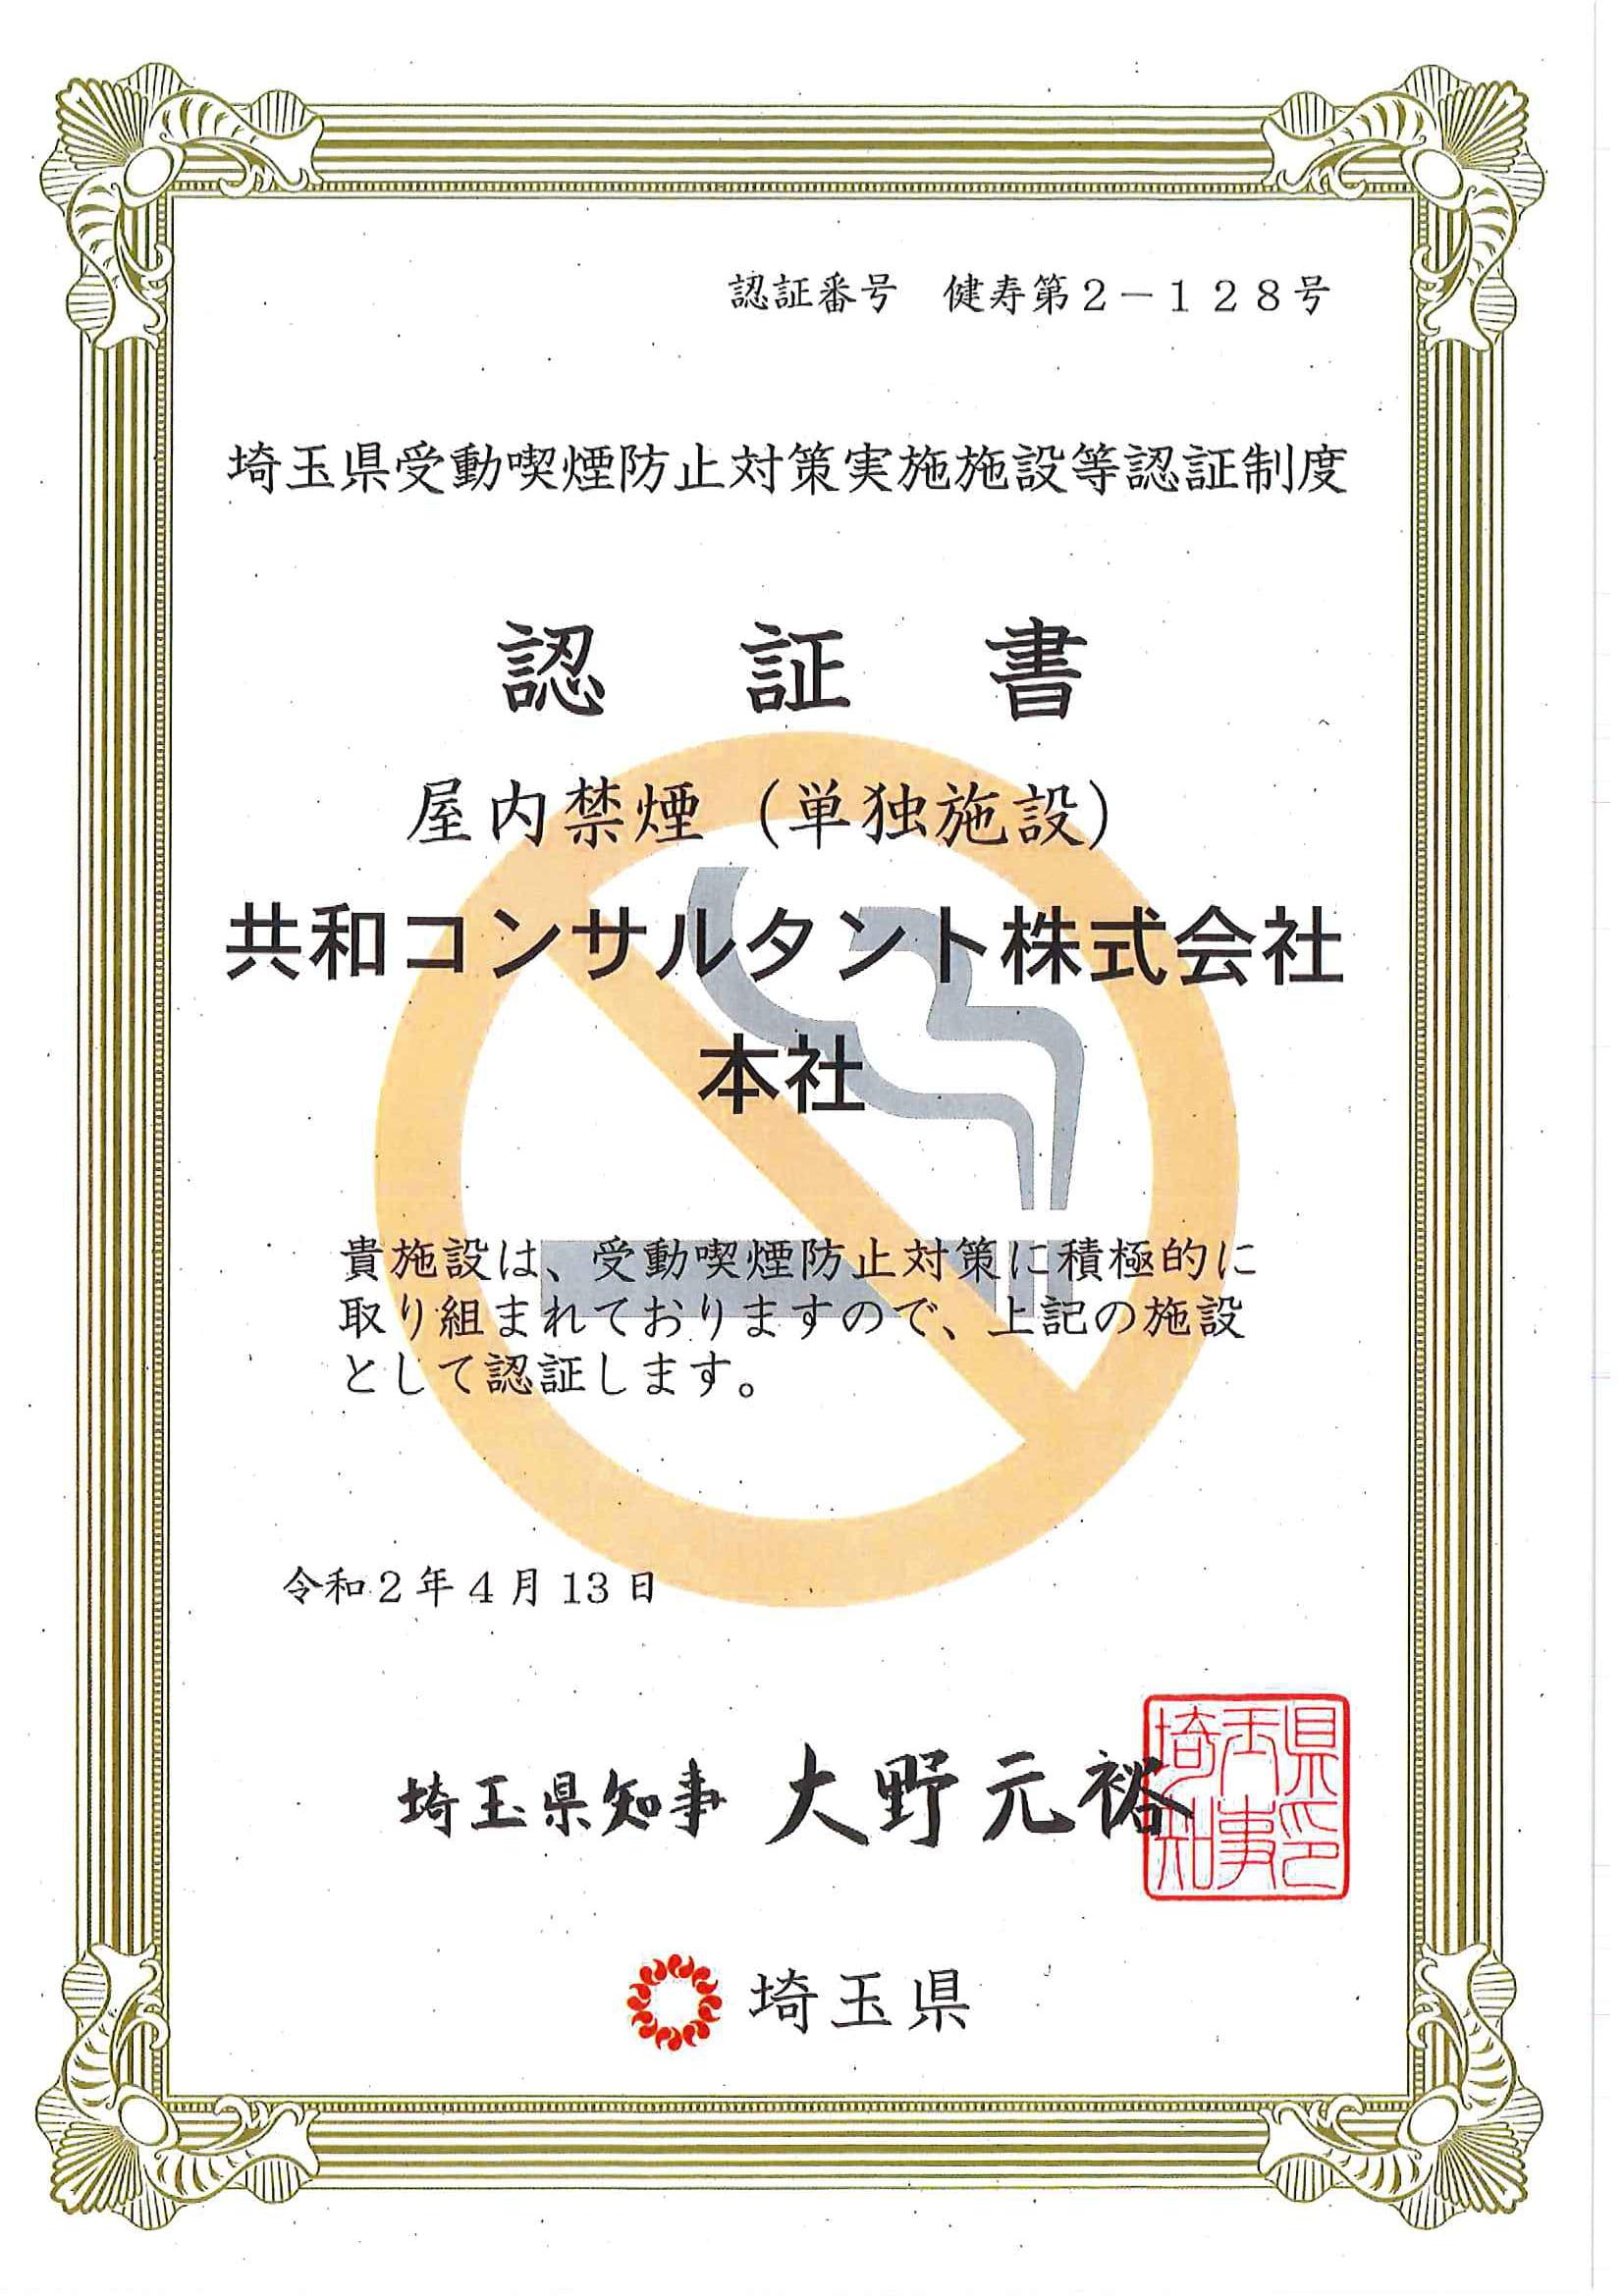 「埼玉県受動喫煙防止対策実施施設等認証制度」 の施設として認証をうけました。